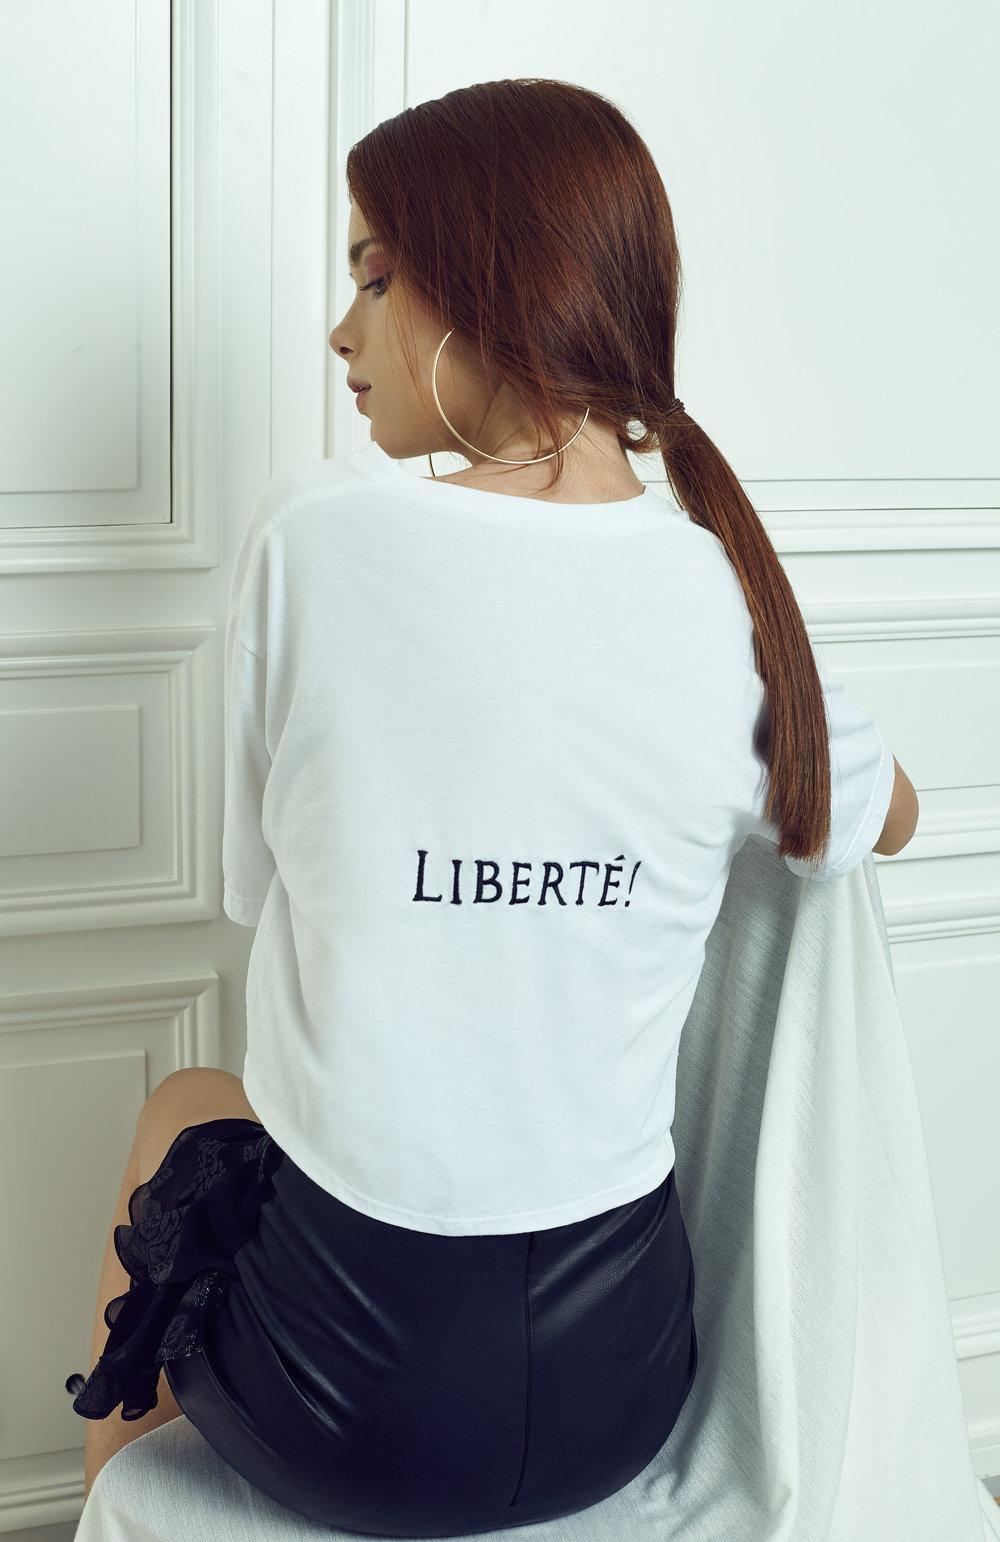 Lama Jouni AW17 - Liberte.jpg